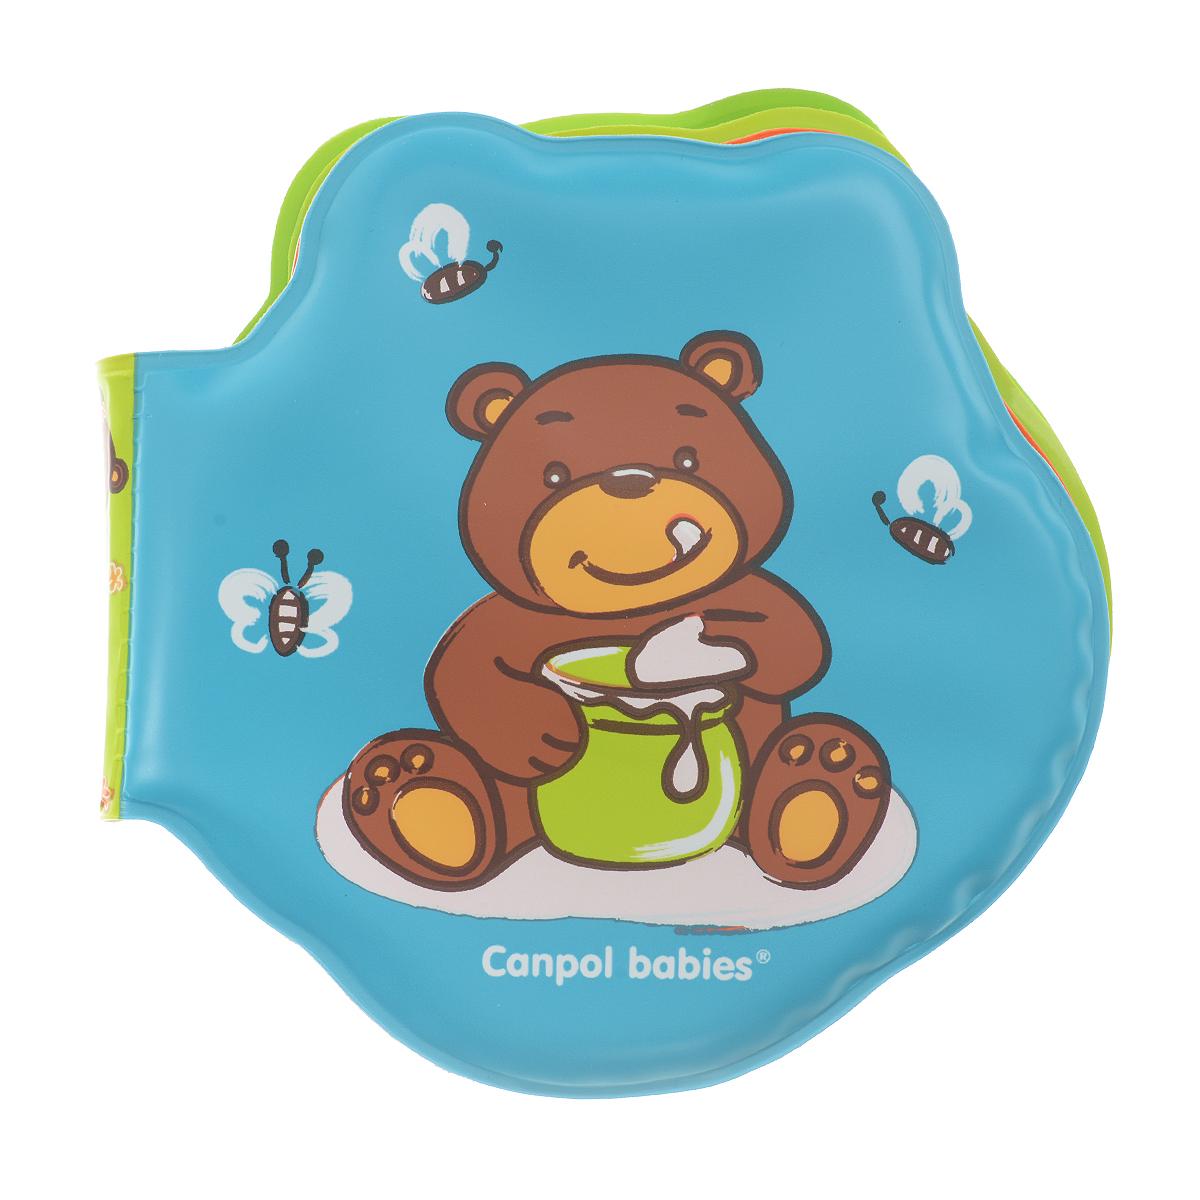 Книжка-игрушка для ванны Canpol Babies, меняющая цвет. 2/0842/084Мягкая книжка-игрушка для ванны Canpol Babies понравится вашему ребенку и развлечет его во время купания. Книжка содержит 4 листа из прочного безопасного материала с изображениями забавного медвежонка. В первом листе спрятана пищалка. Книжечка не промокает и хорошо держится на воде. При погружении в теплую воду странички книги меняют цвет. Красочные картинки привлекают внимание ребенка и стимулируют его изучать новые предметы. Книжка развивает у ребенка воображение, мелкую моторику, концентрацию внимания и цветовое восприятие.